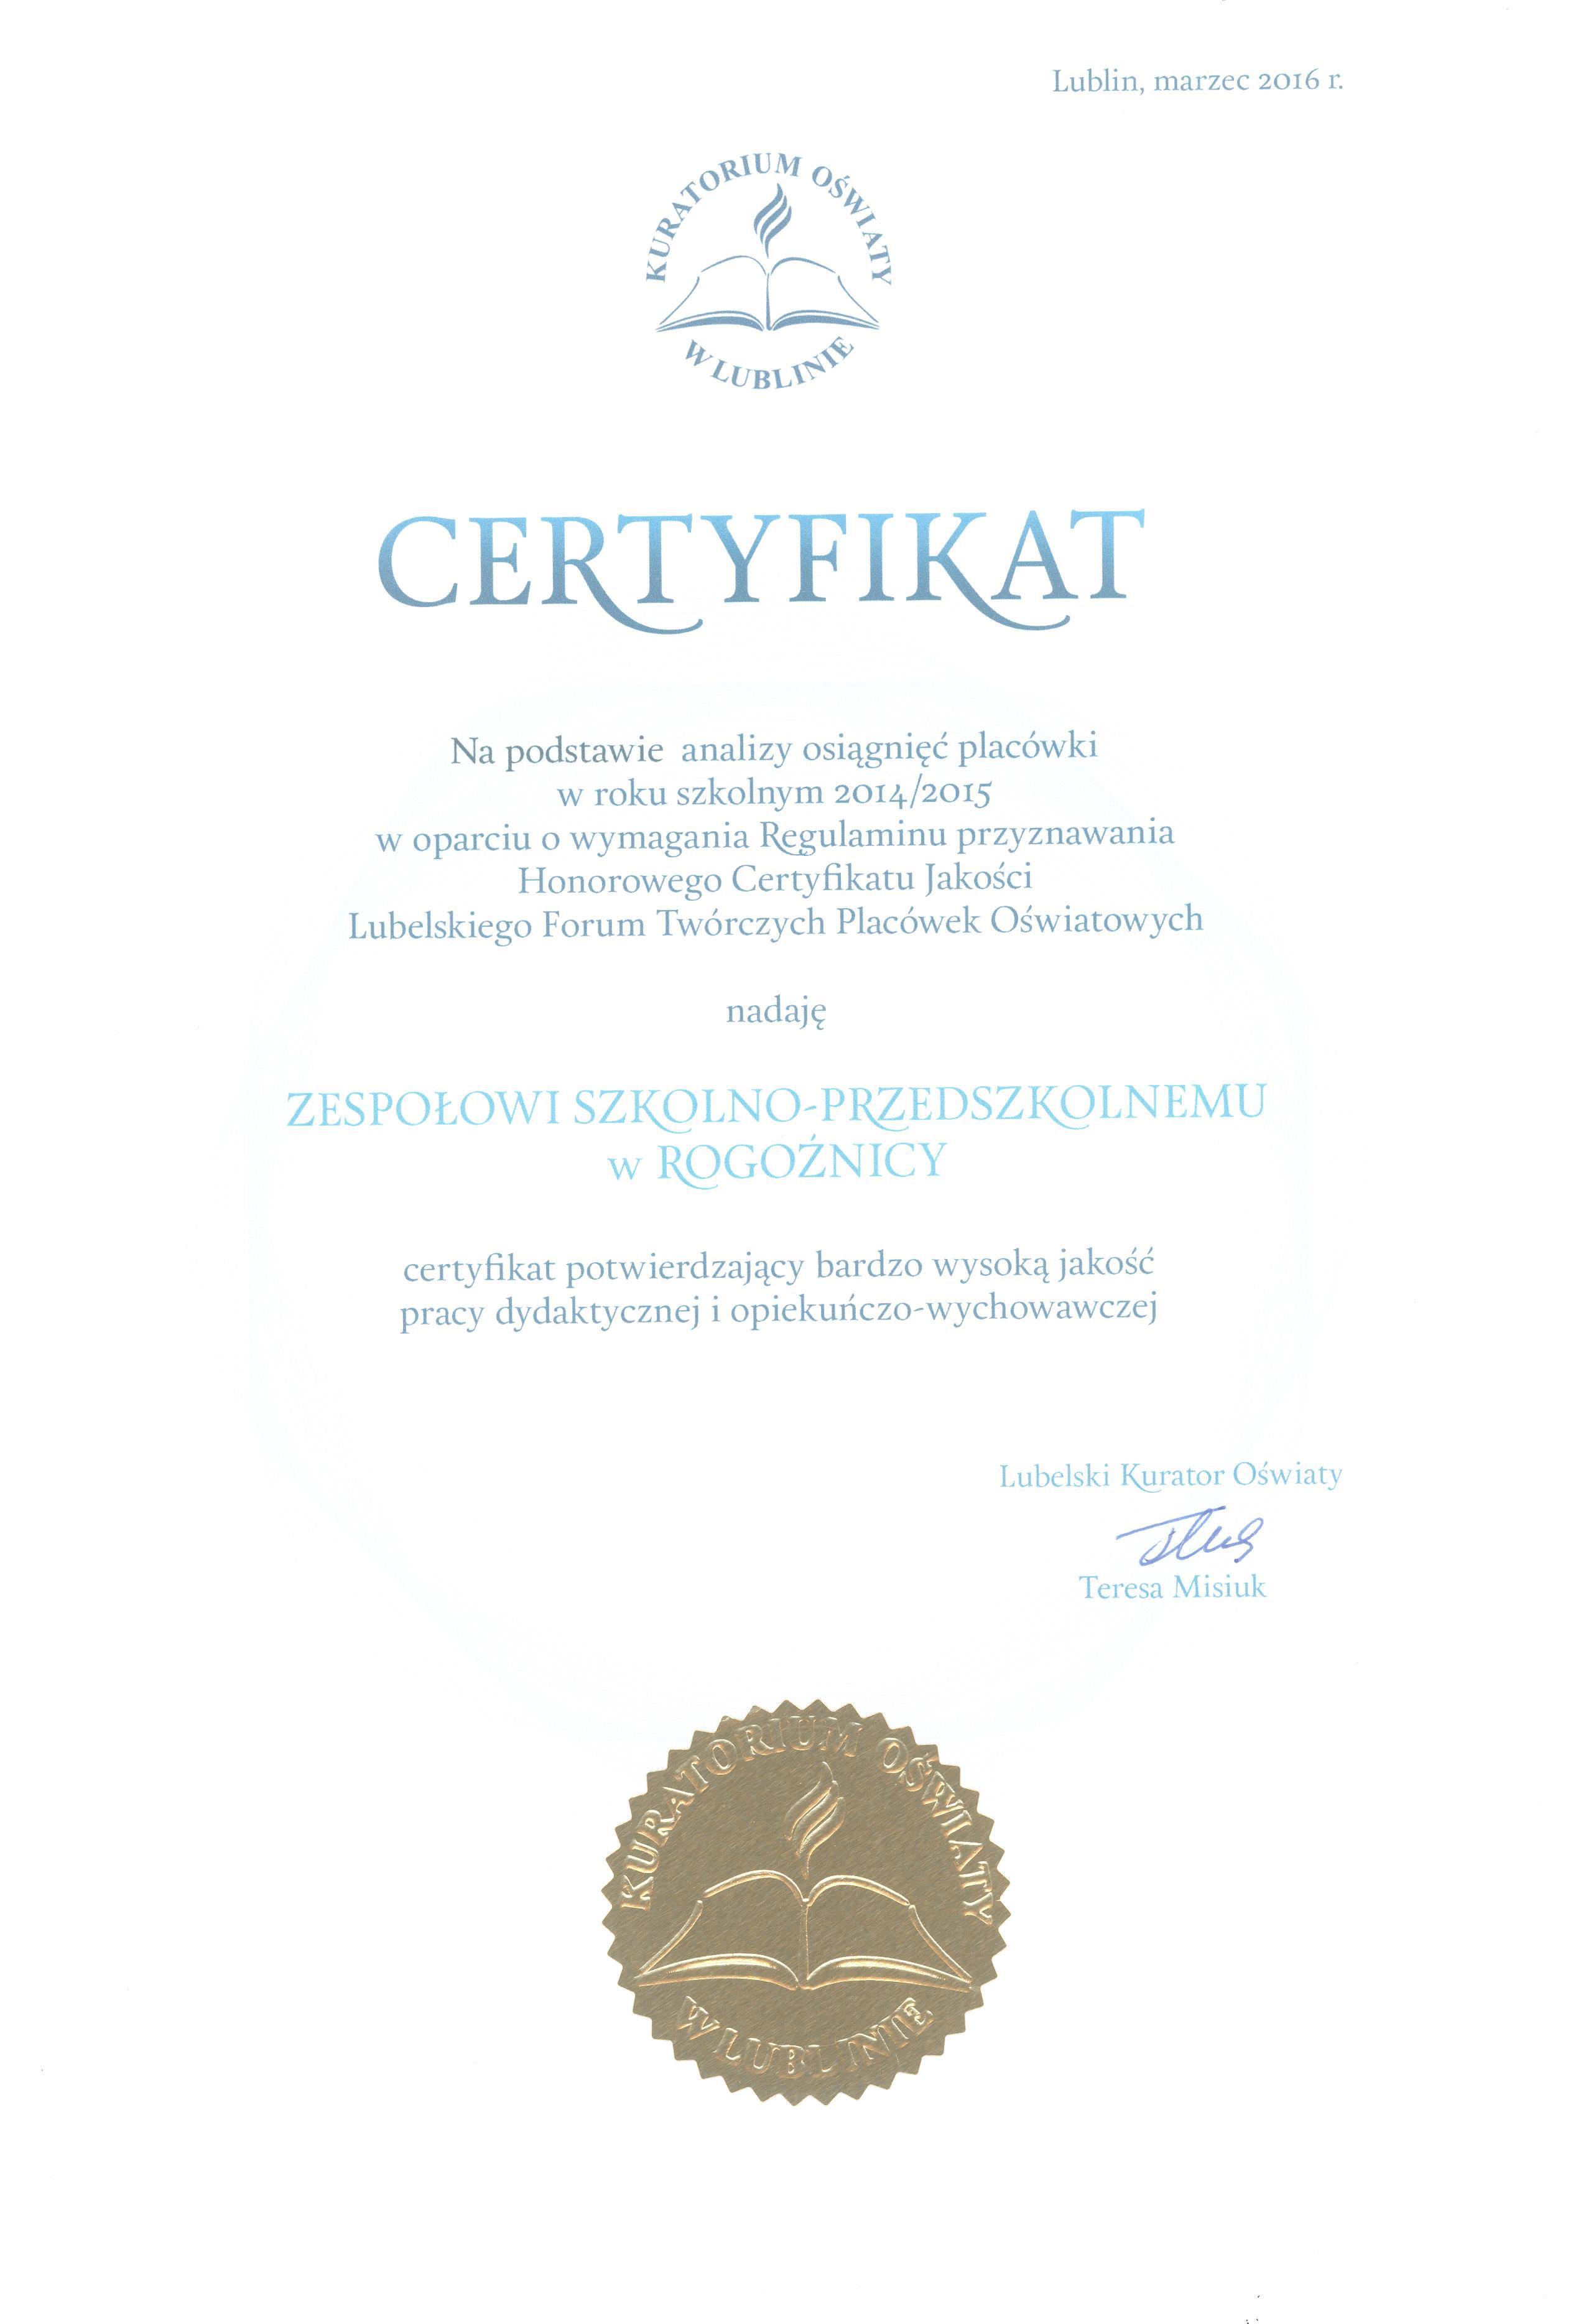 Certyfikat Lubelskiego Kuratora O�wiaty dla Zespo�u Szkolno-Przedszkolnego w Rogoźnicy